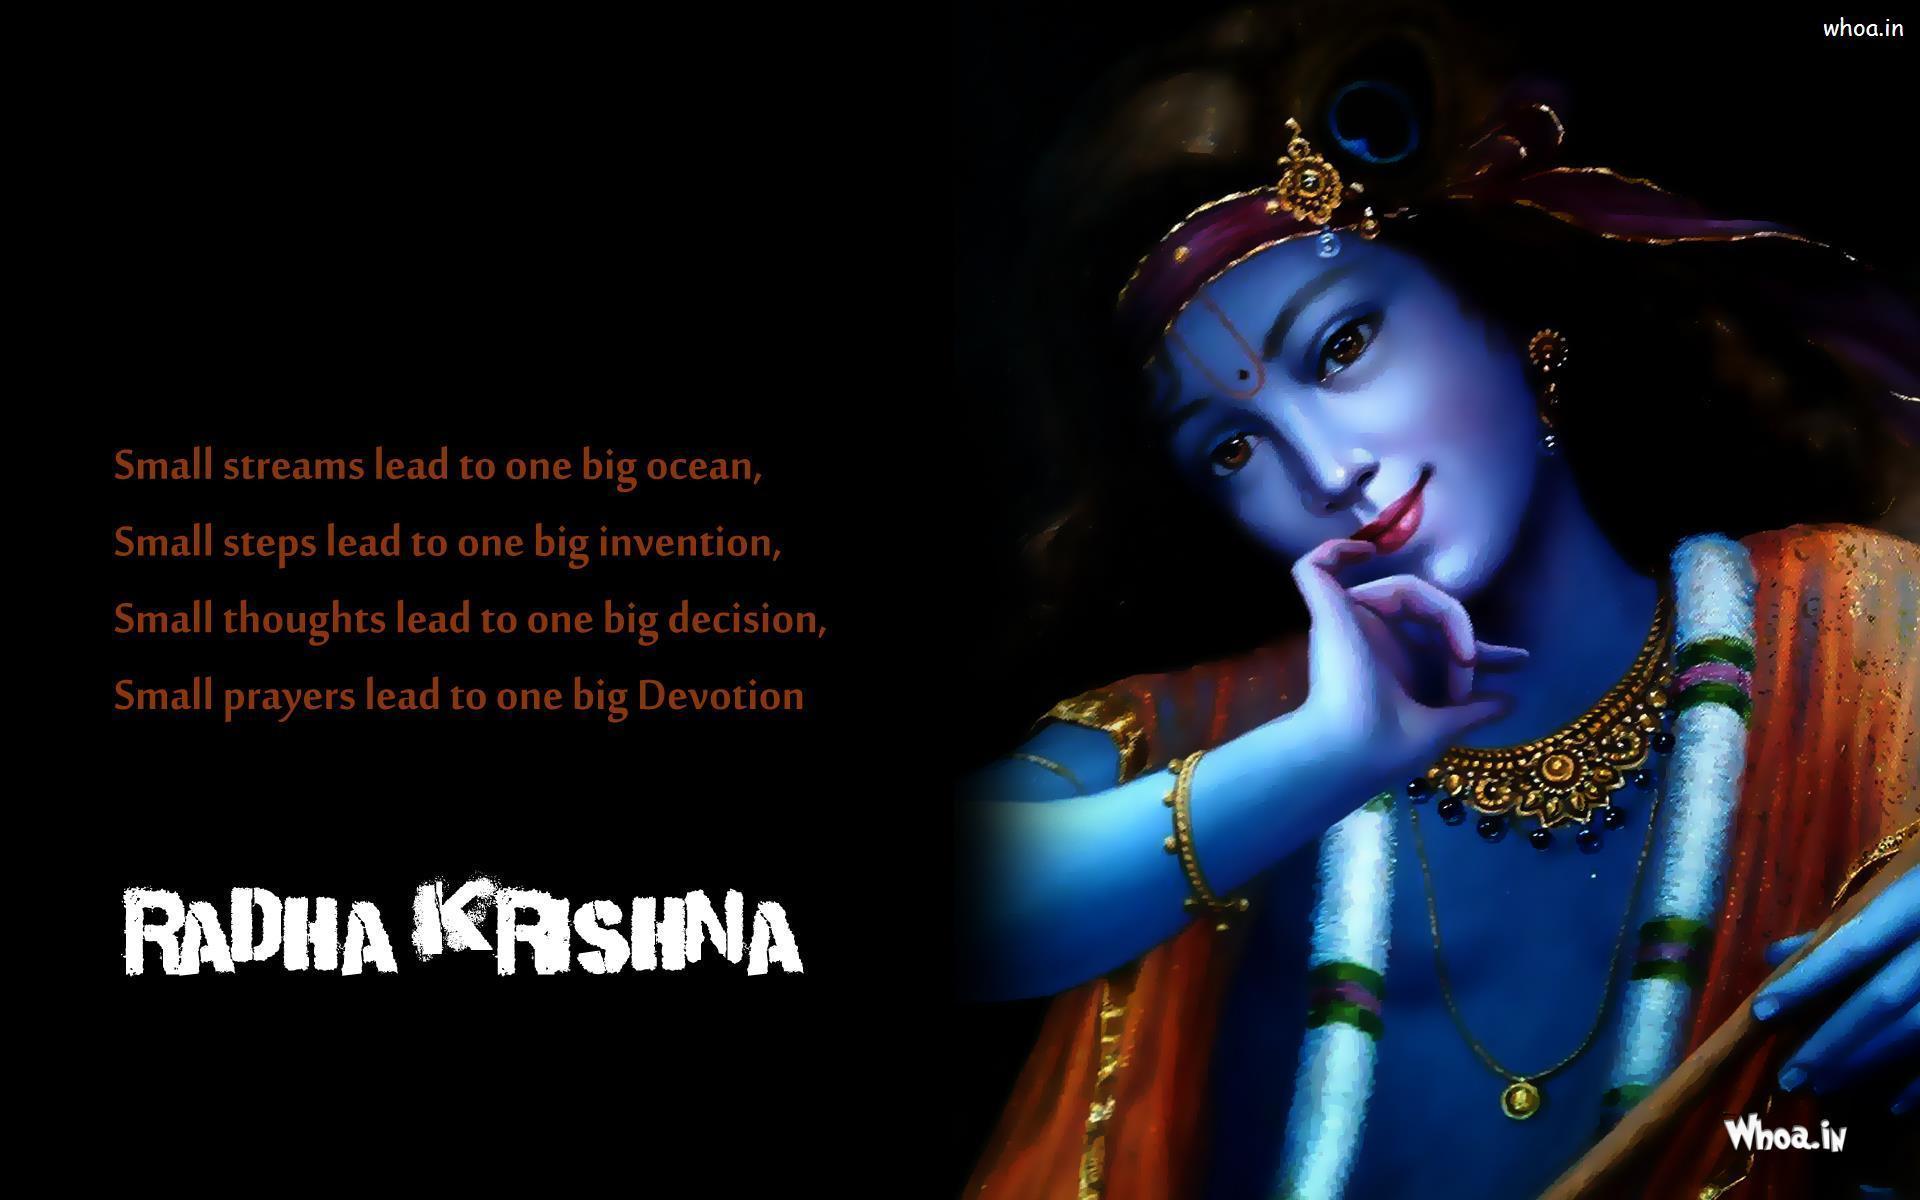 Hd wallpaper krishna download - Krishna Wallpapers Full Hd Wallpaper Search